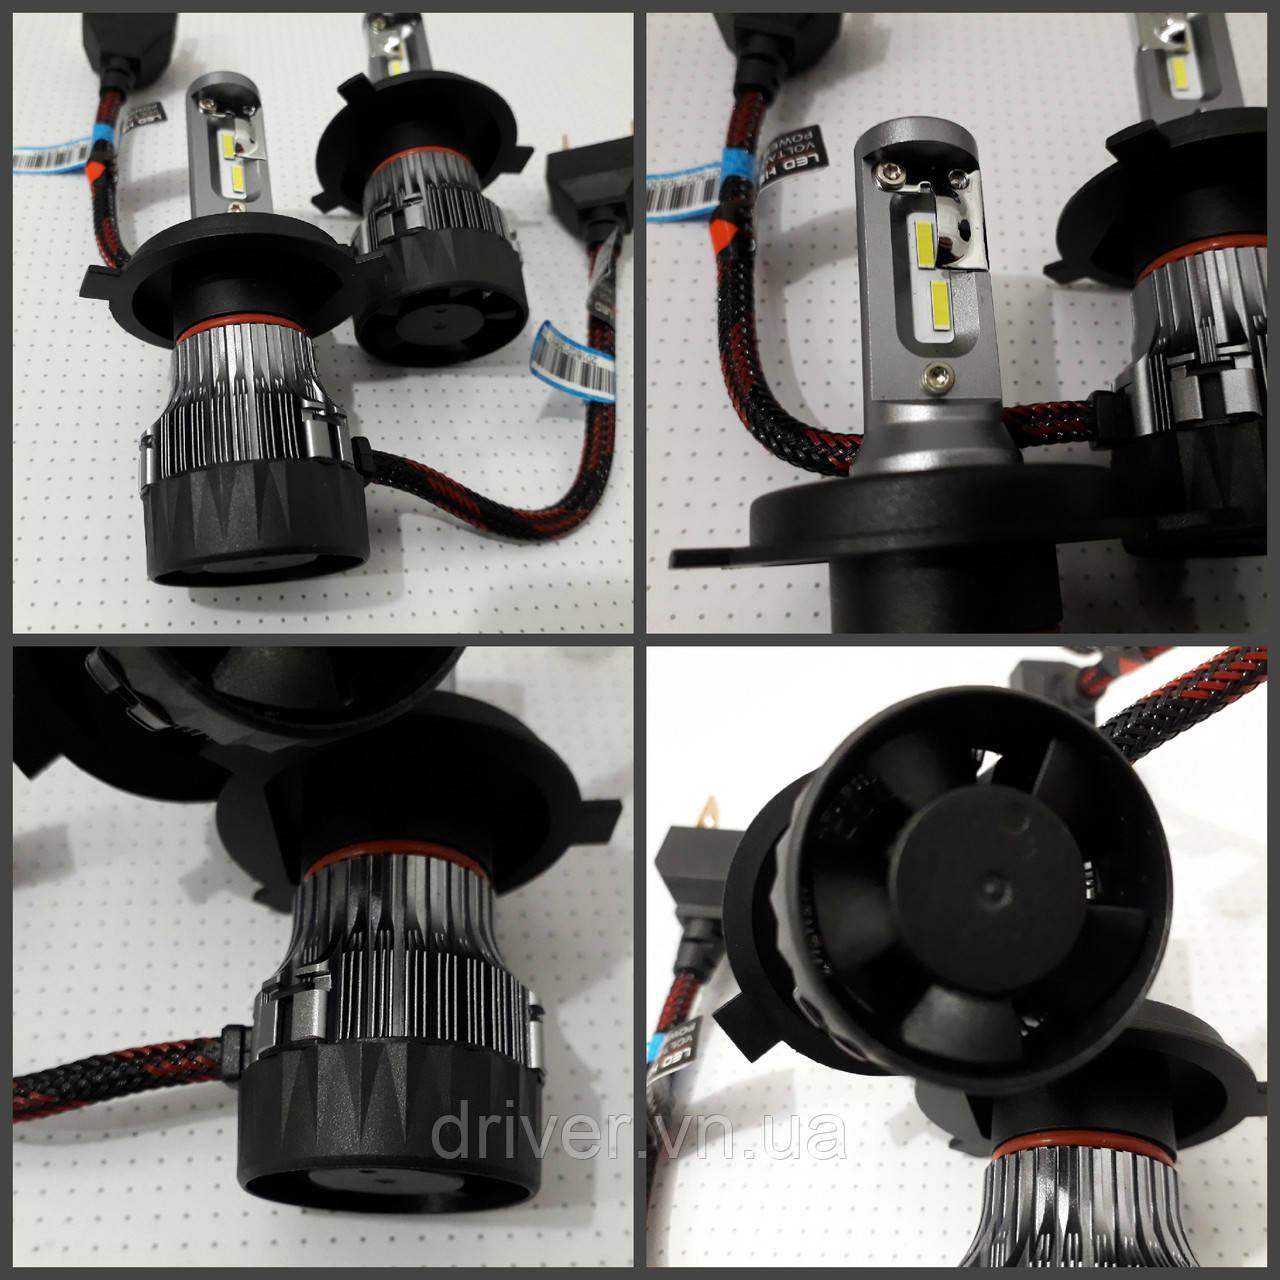 Лампочки LED H4 Hi/Low 6500K / 5000Lm (кт-2шт), 9-36V 30W IP65